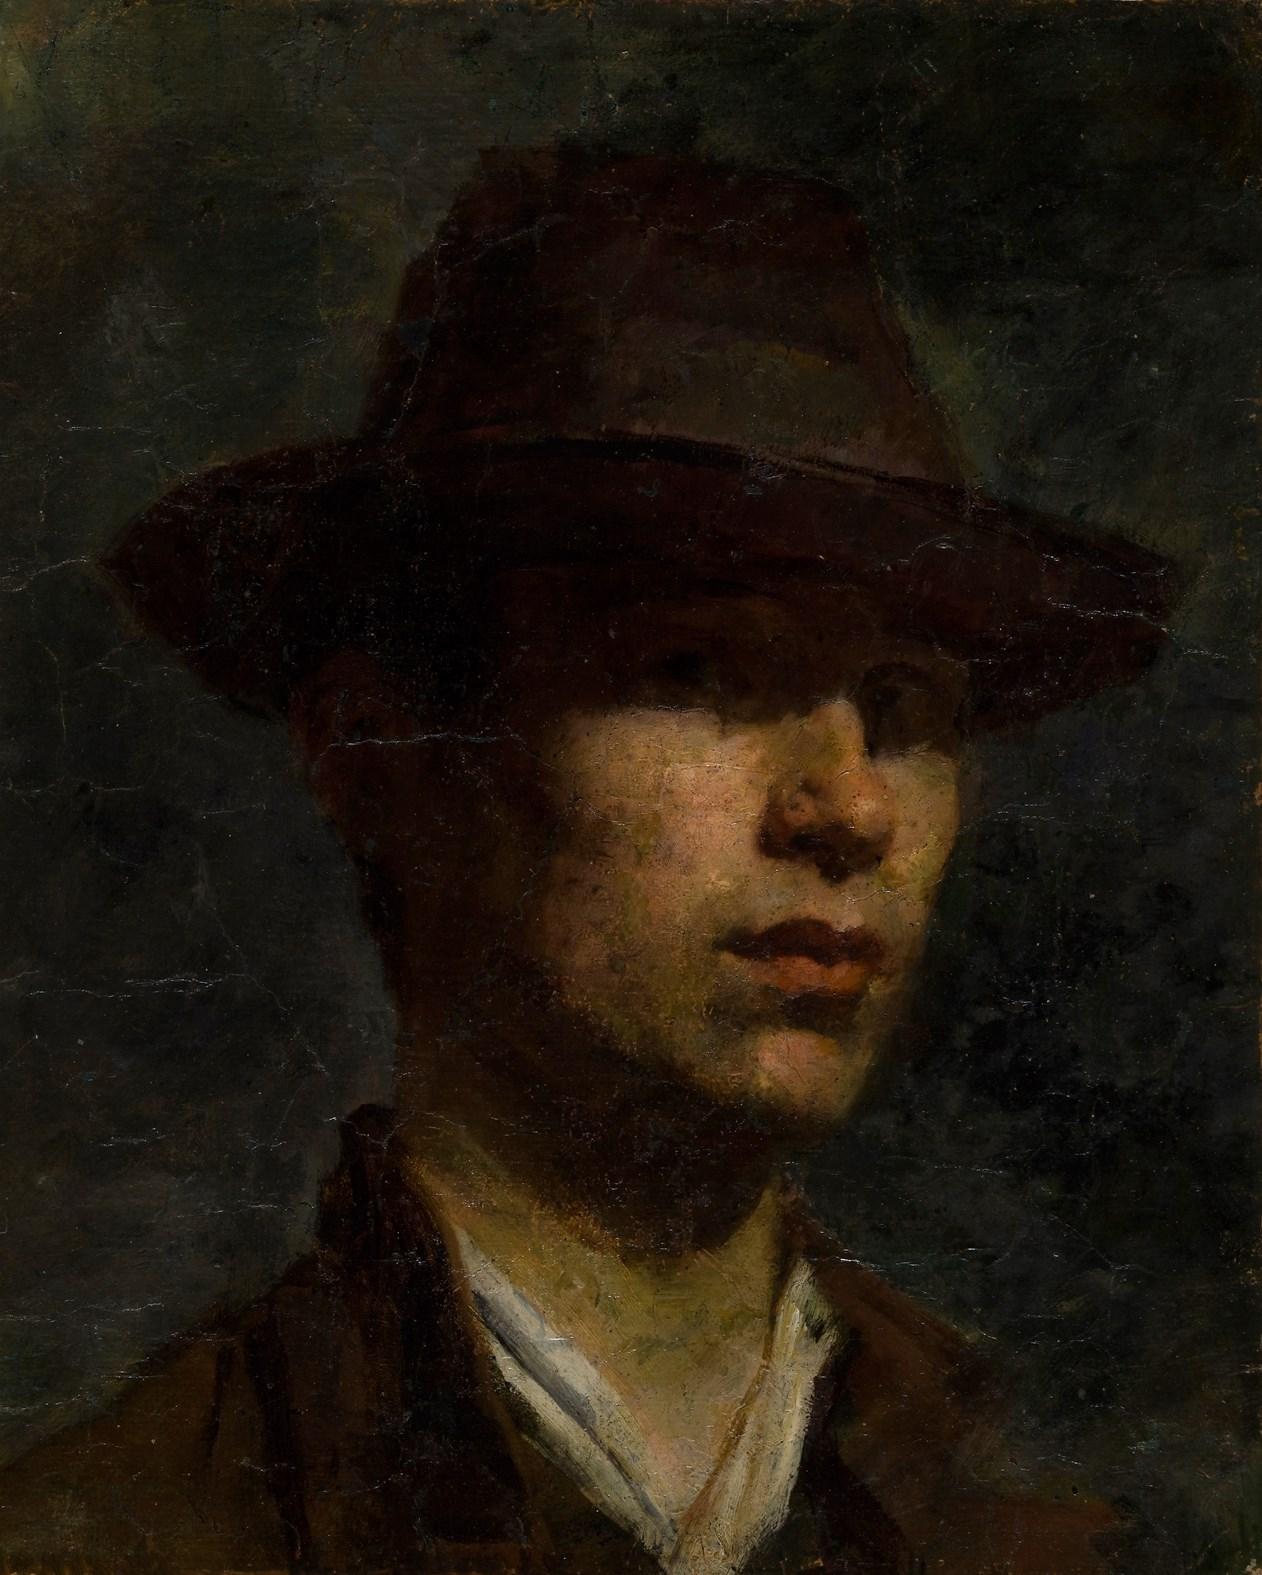 Carlo Fornara autoritratto